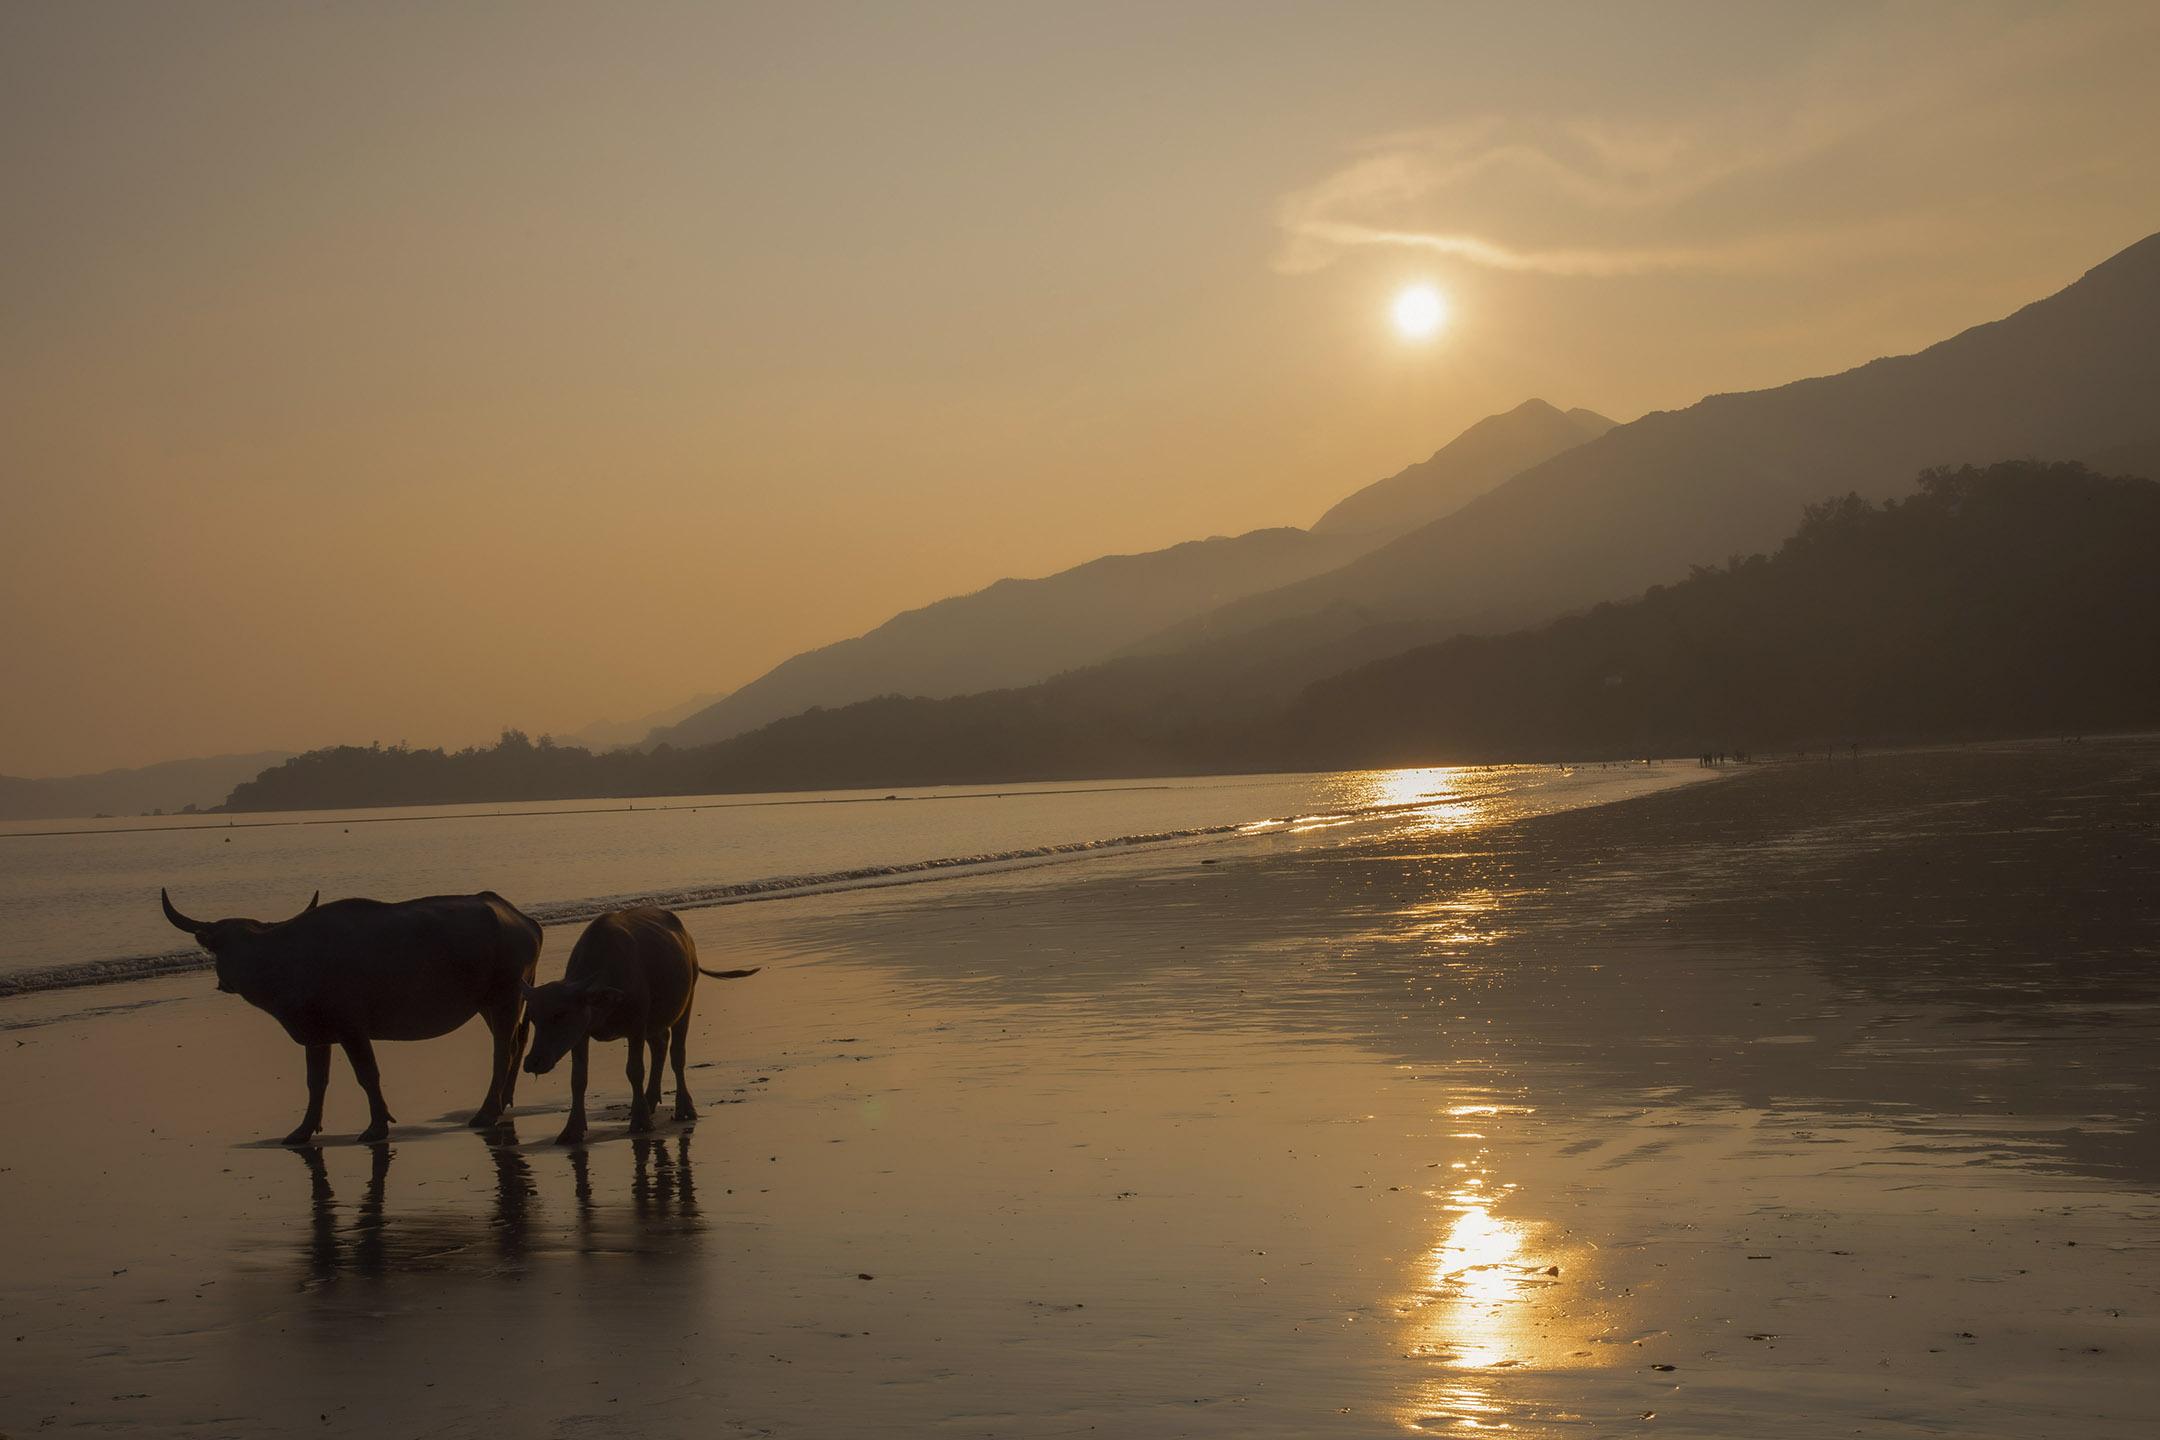 大嶼山長沙,一頭幼牛跟著母牛走過海灘。